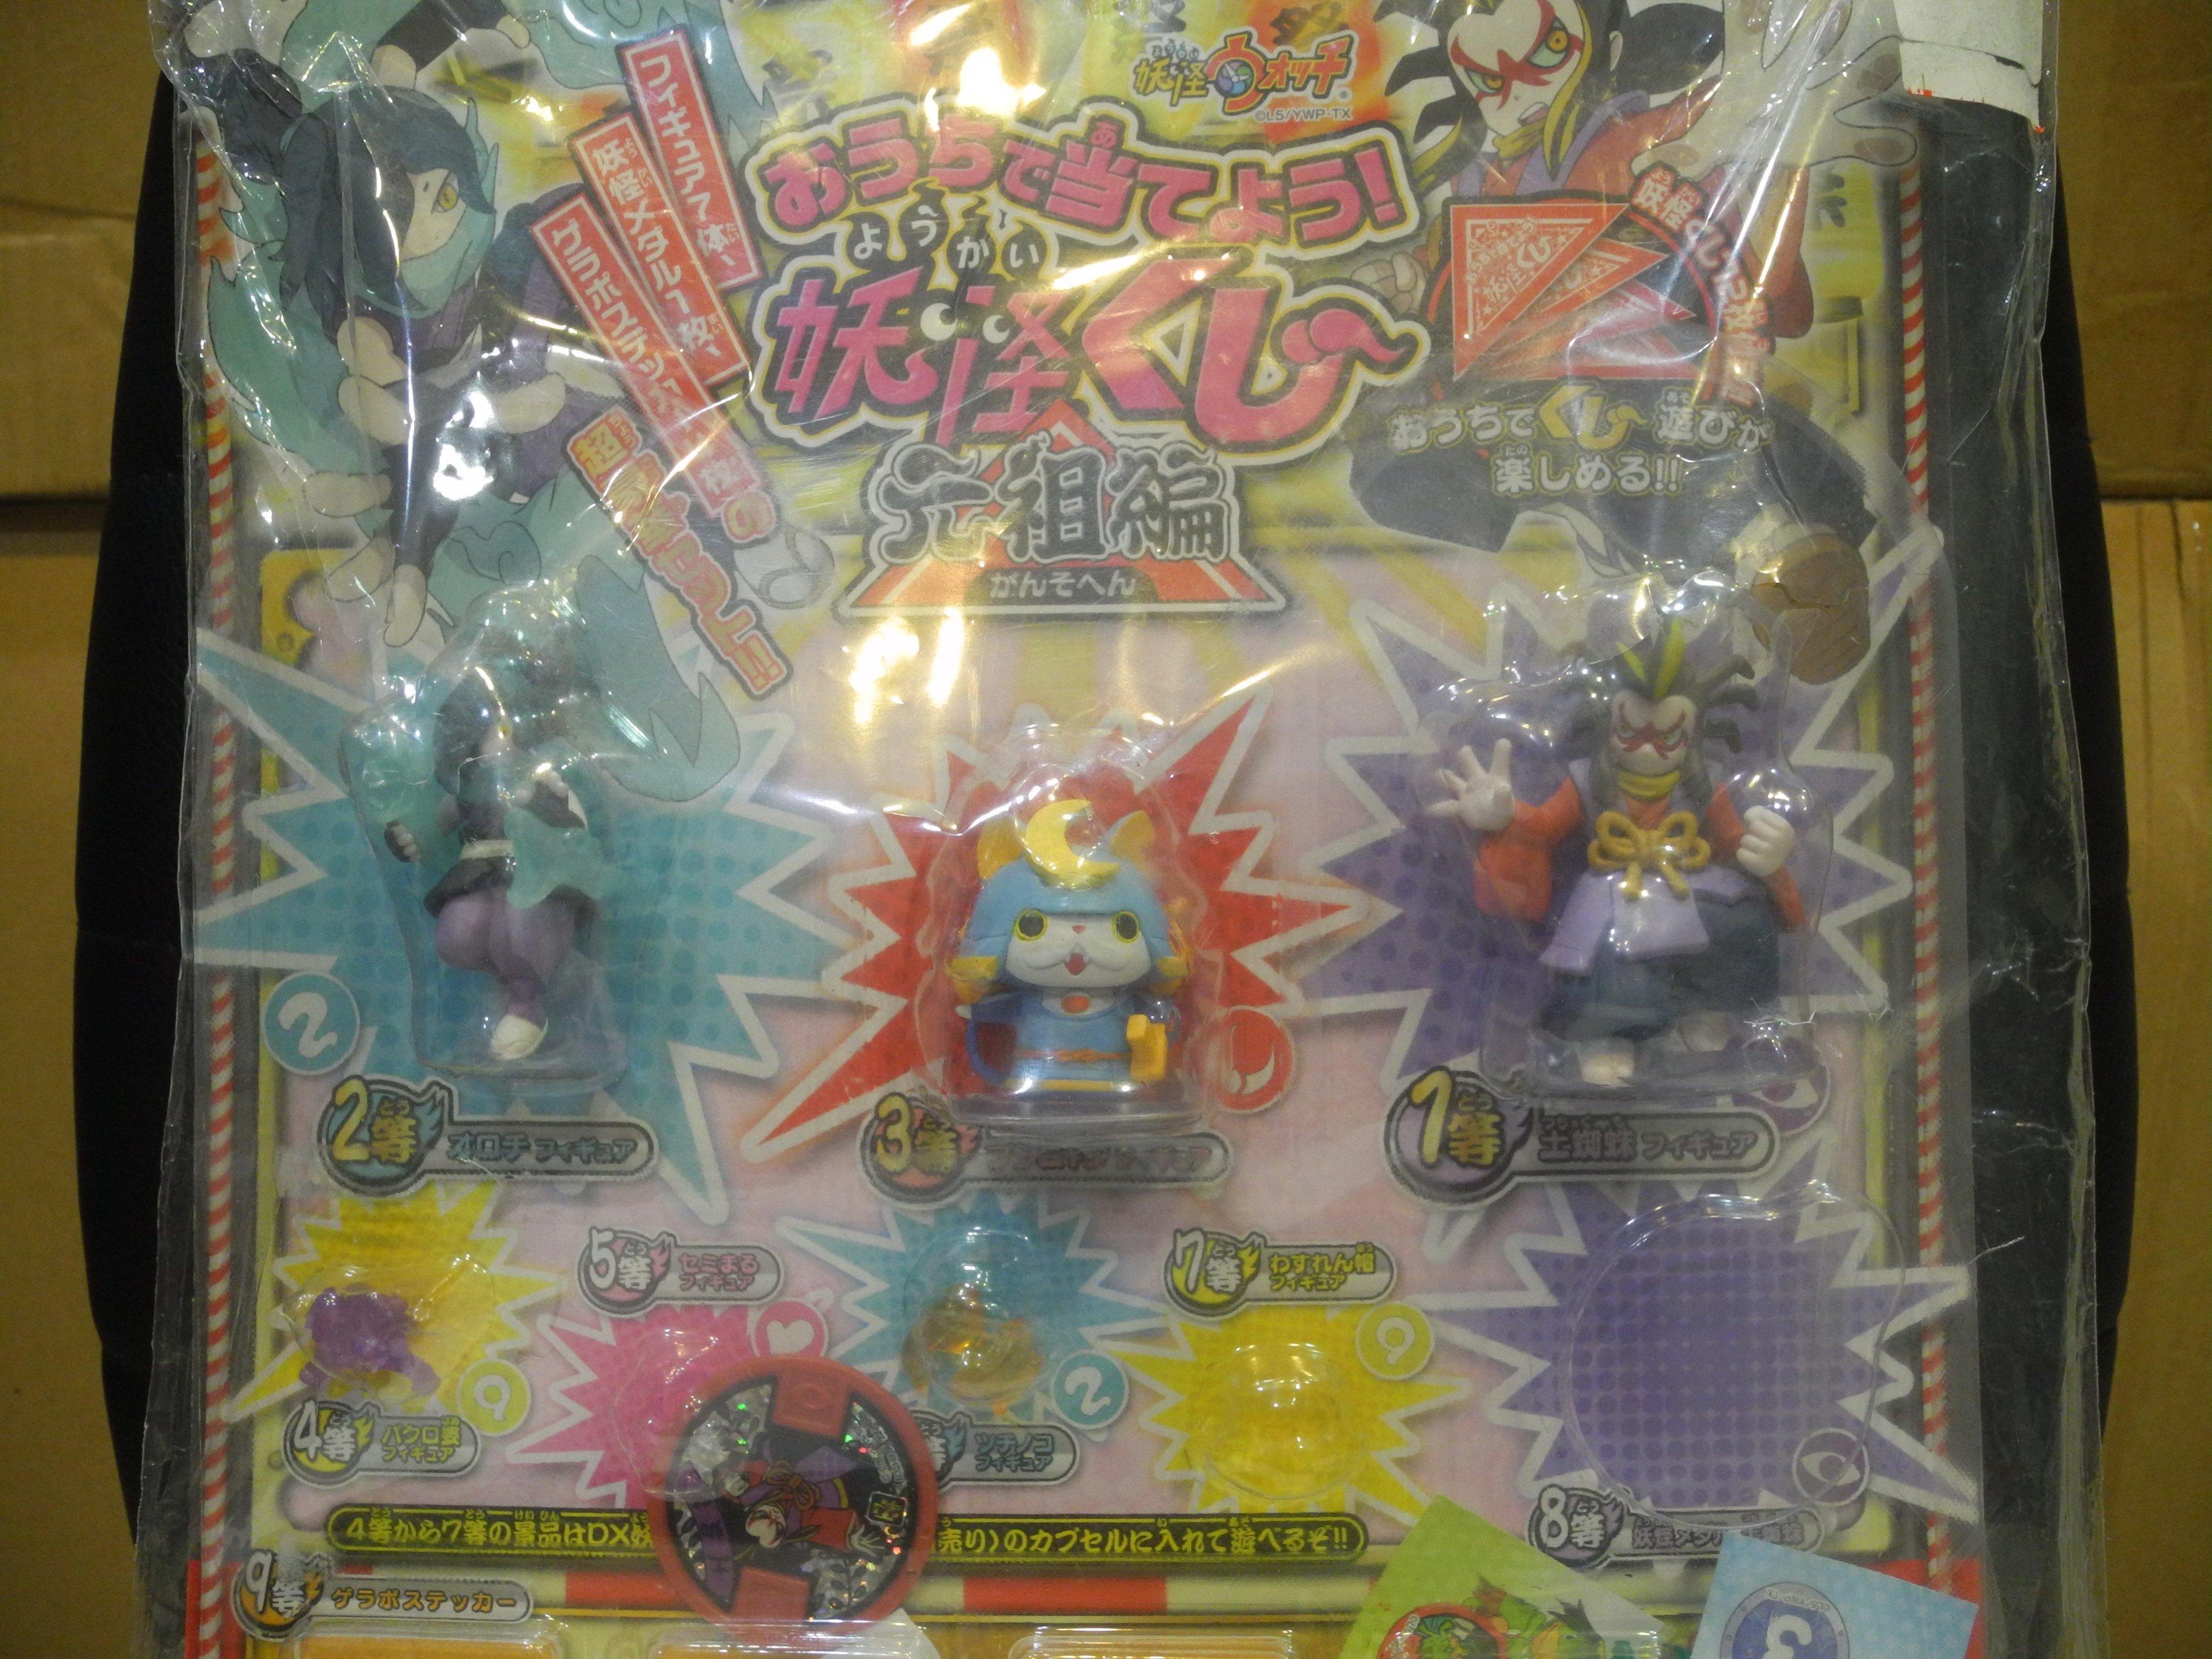 全新日本正版 妖怪手錶公仔 武士喵 一組三隻+徽章 6公分高公仔 小朋友最愛的生日禮物